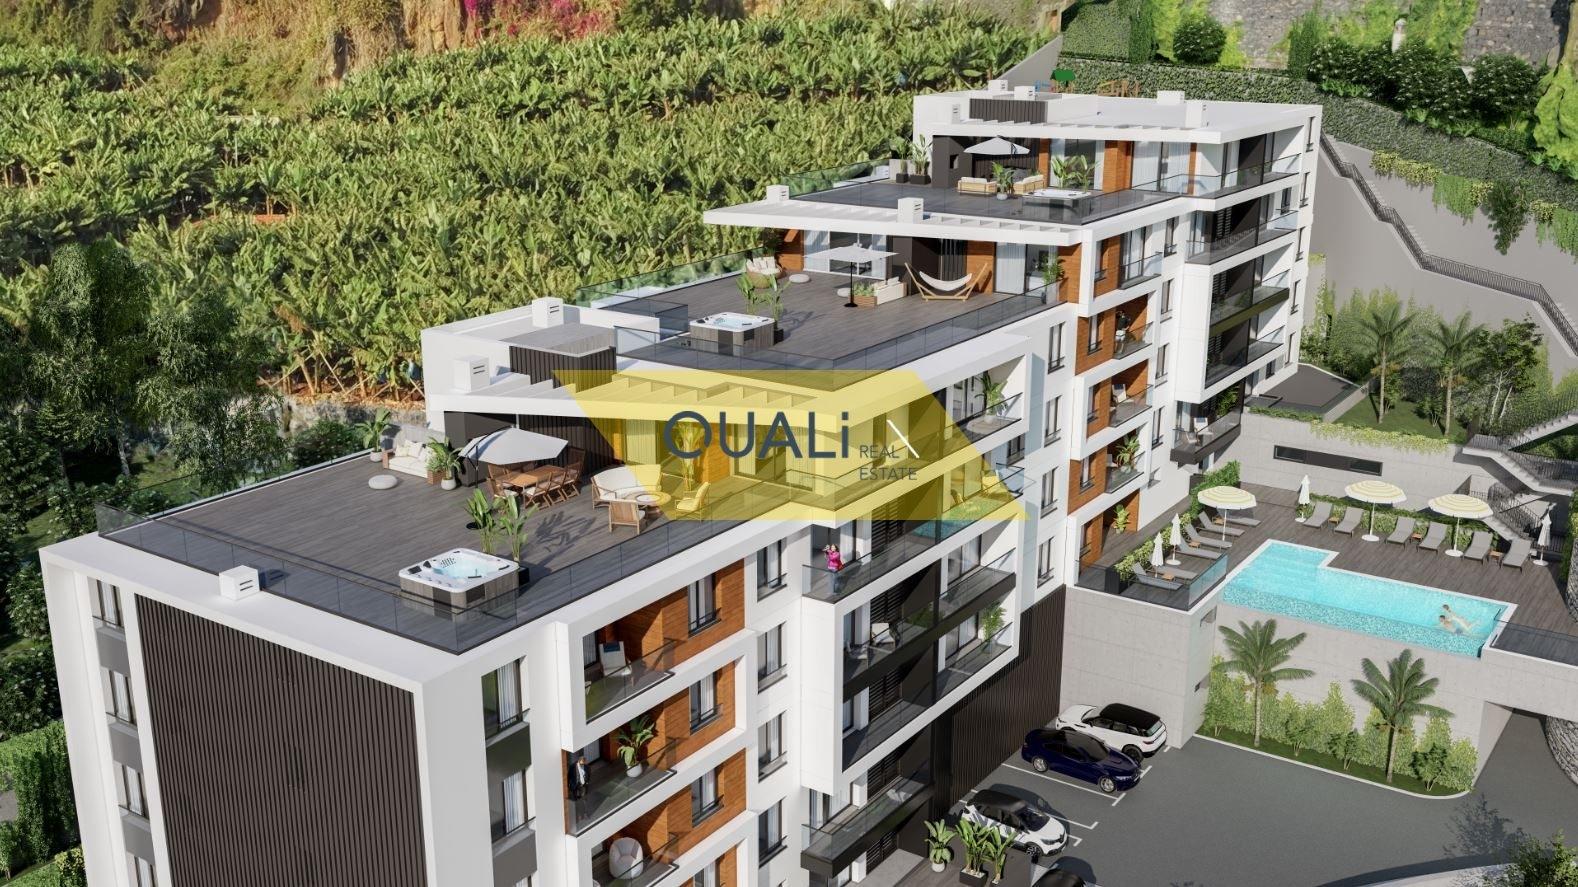 Appartamento T4+1 in vendita a São João, Funchal - Isola di Madeira - €790.000,00